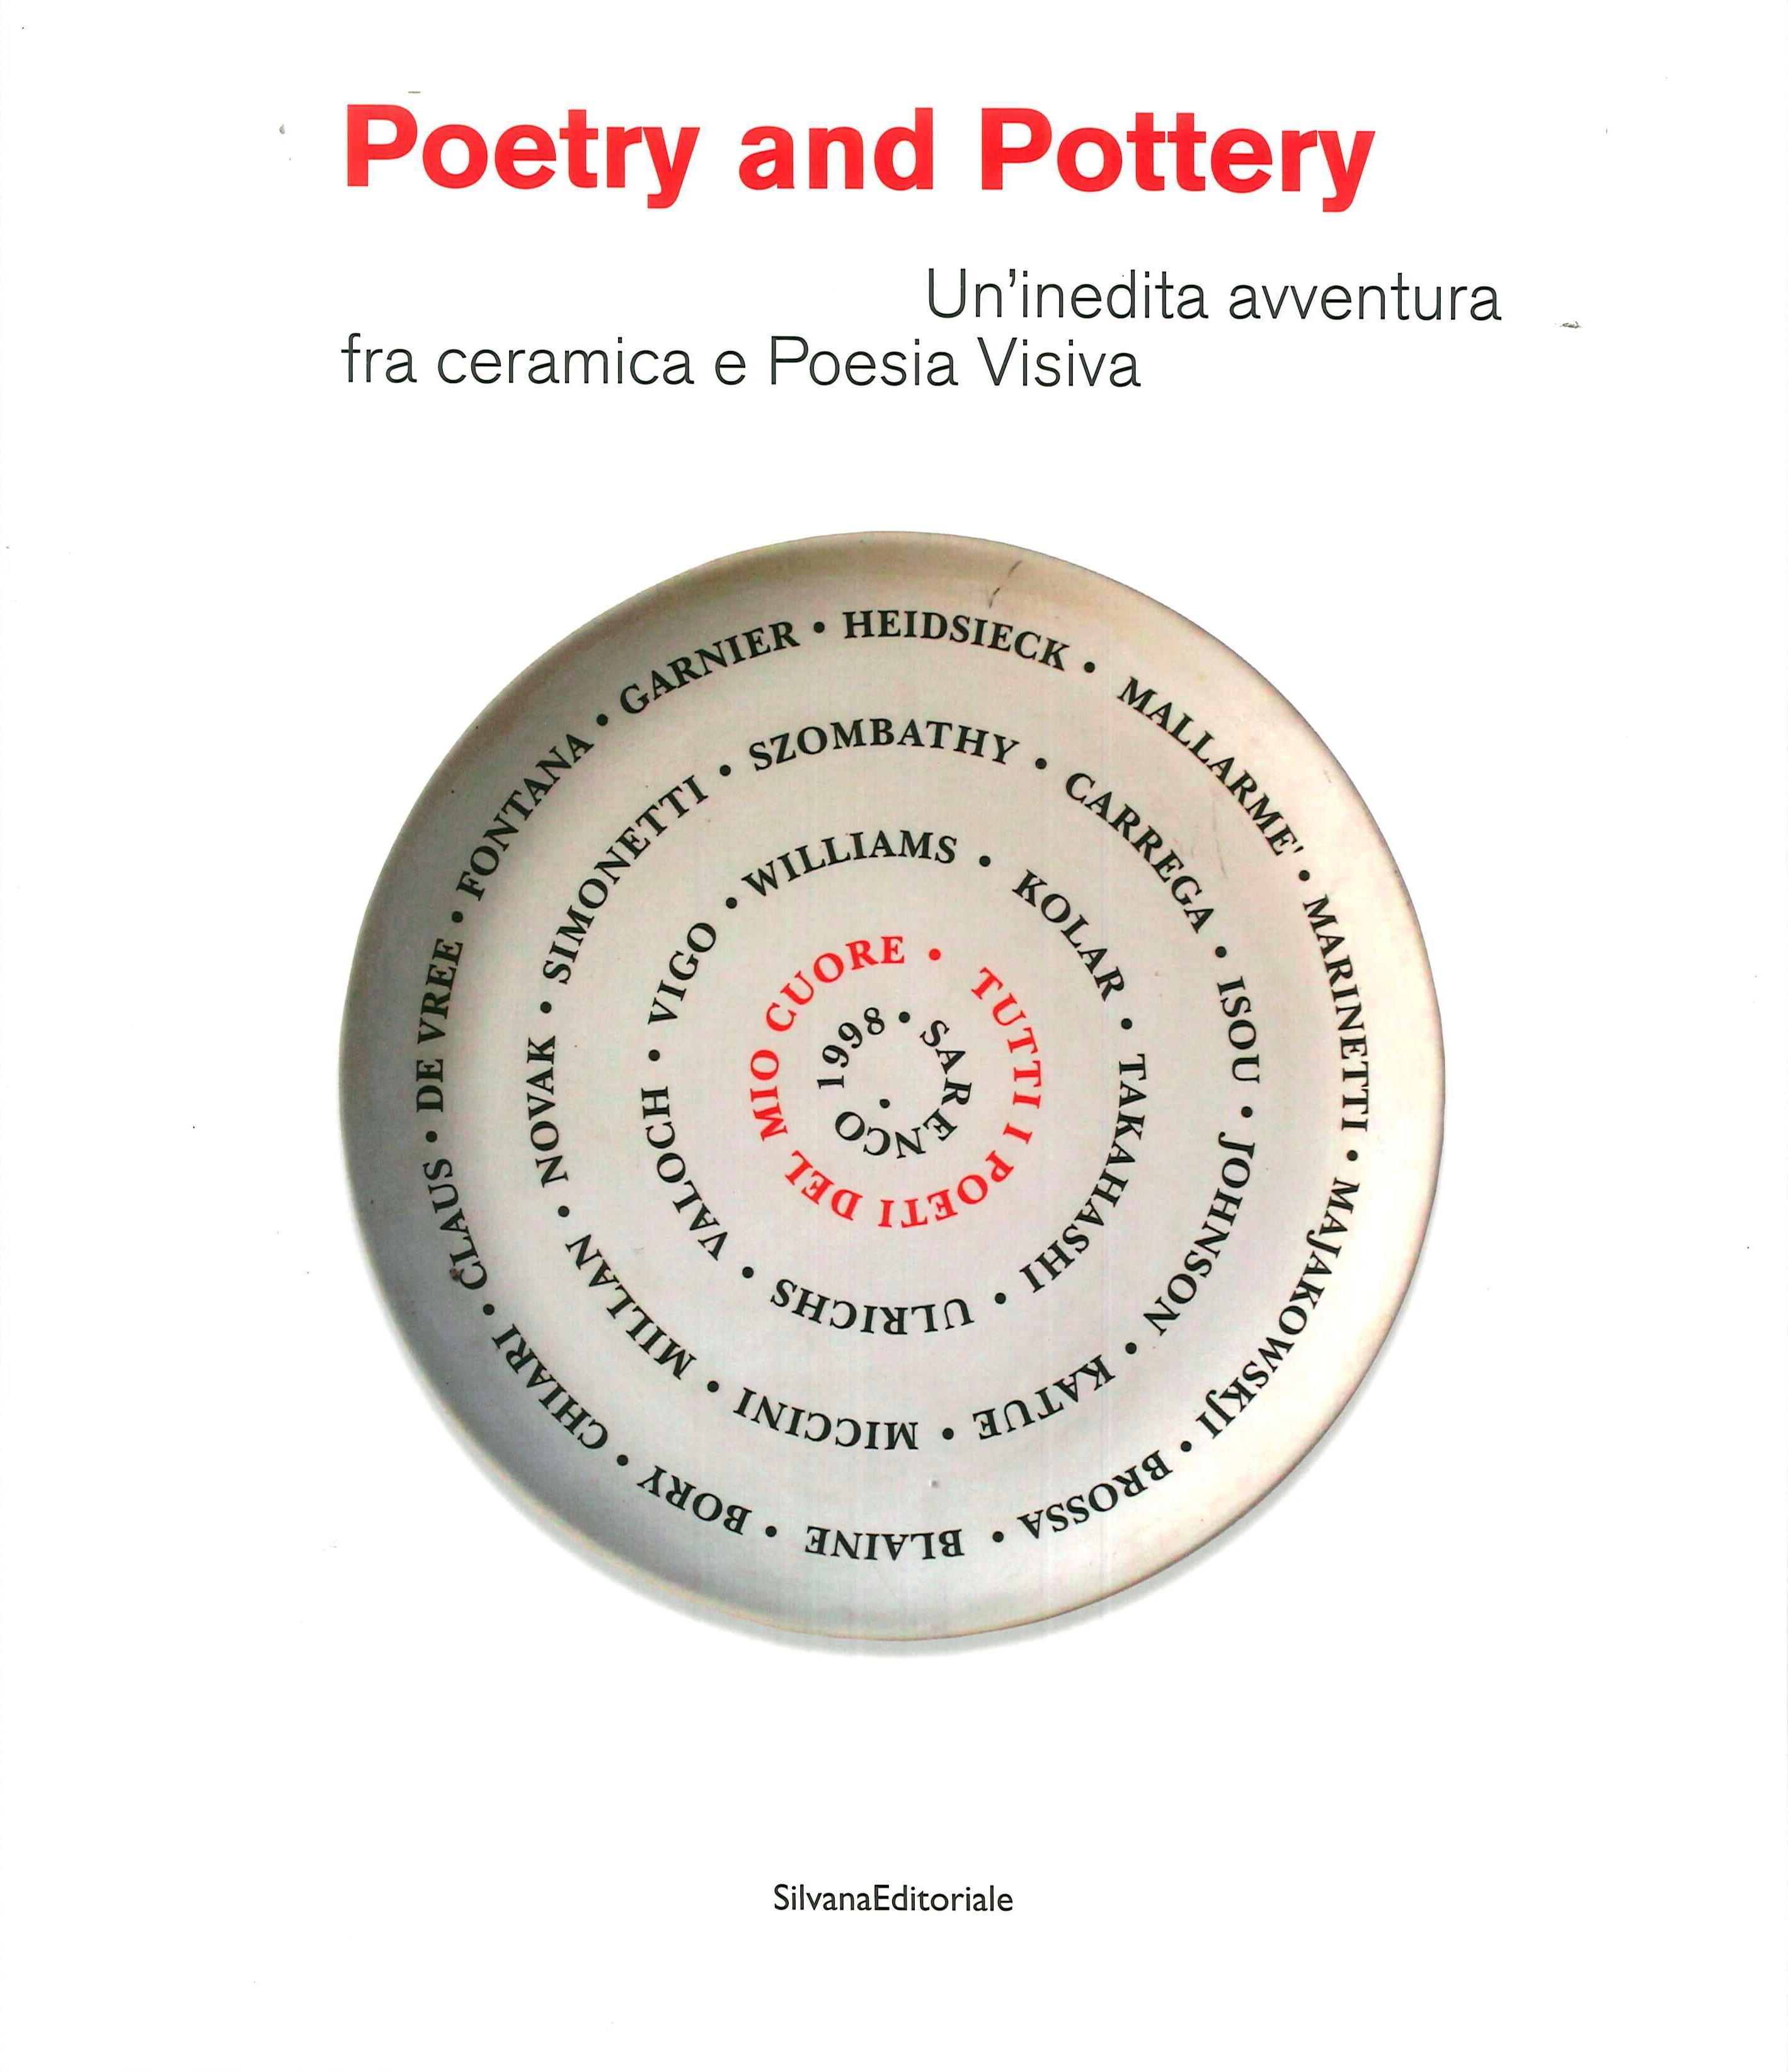 Poetry and Pottery. Un'inedita avventura fra ceramica e Poesia Visiva